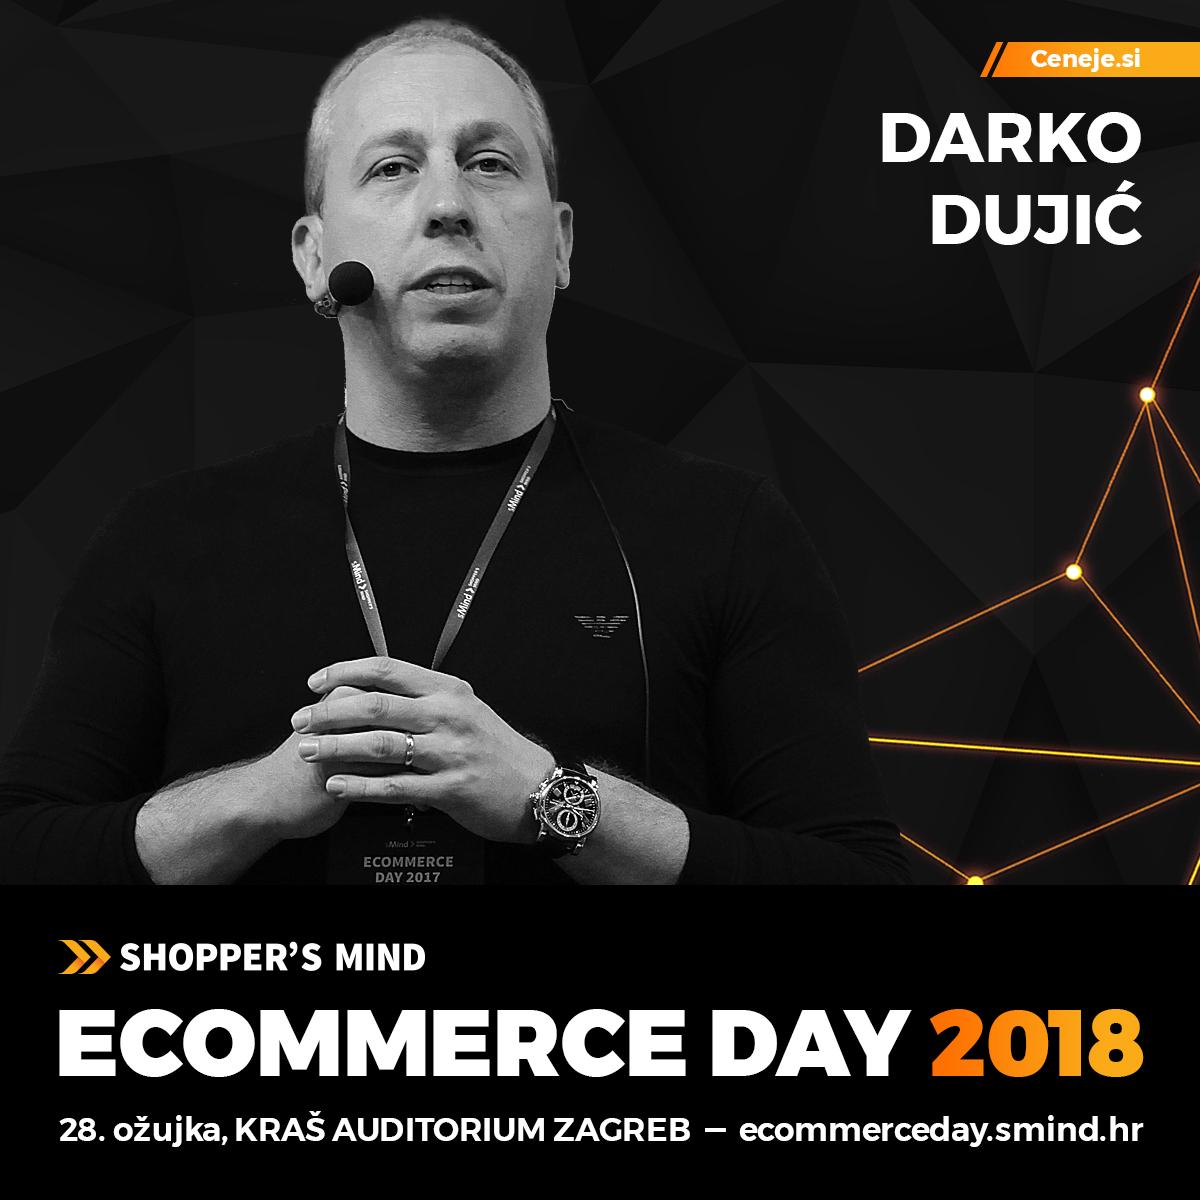 Darko Dujić